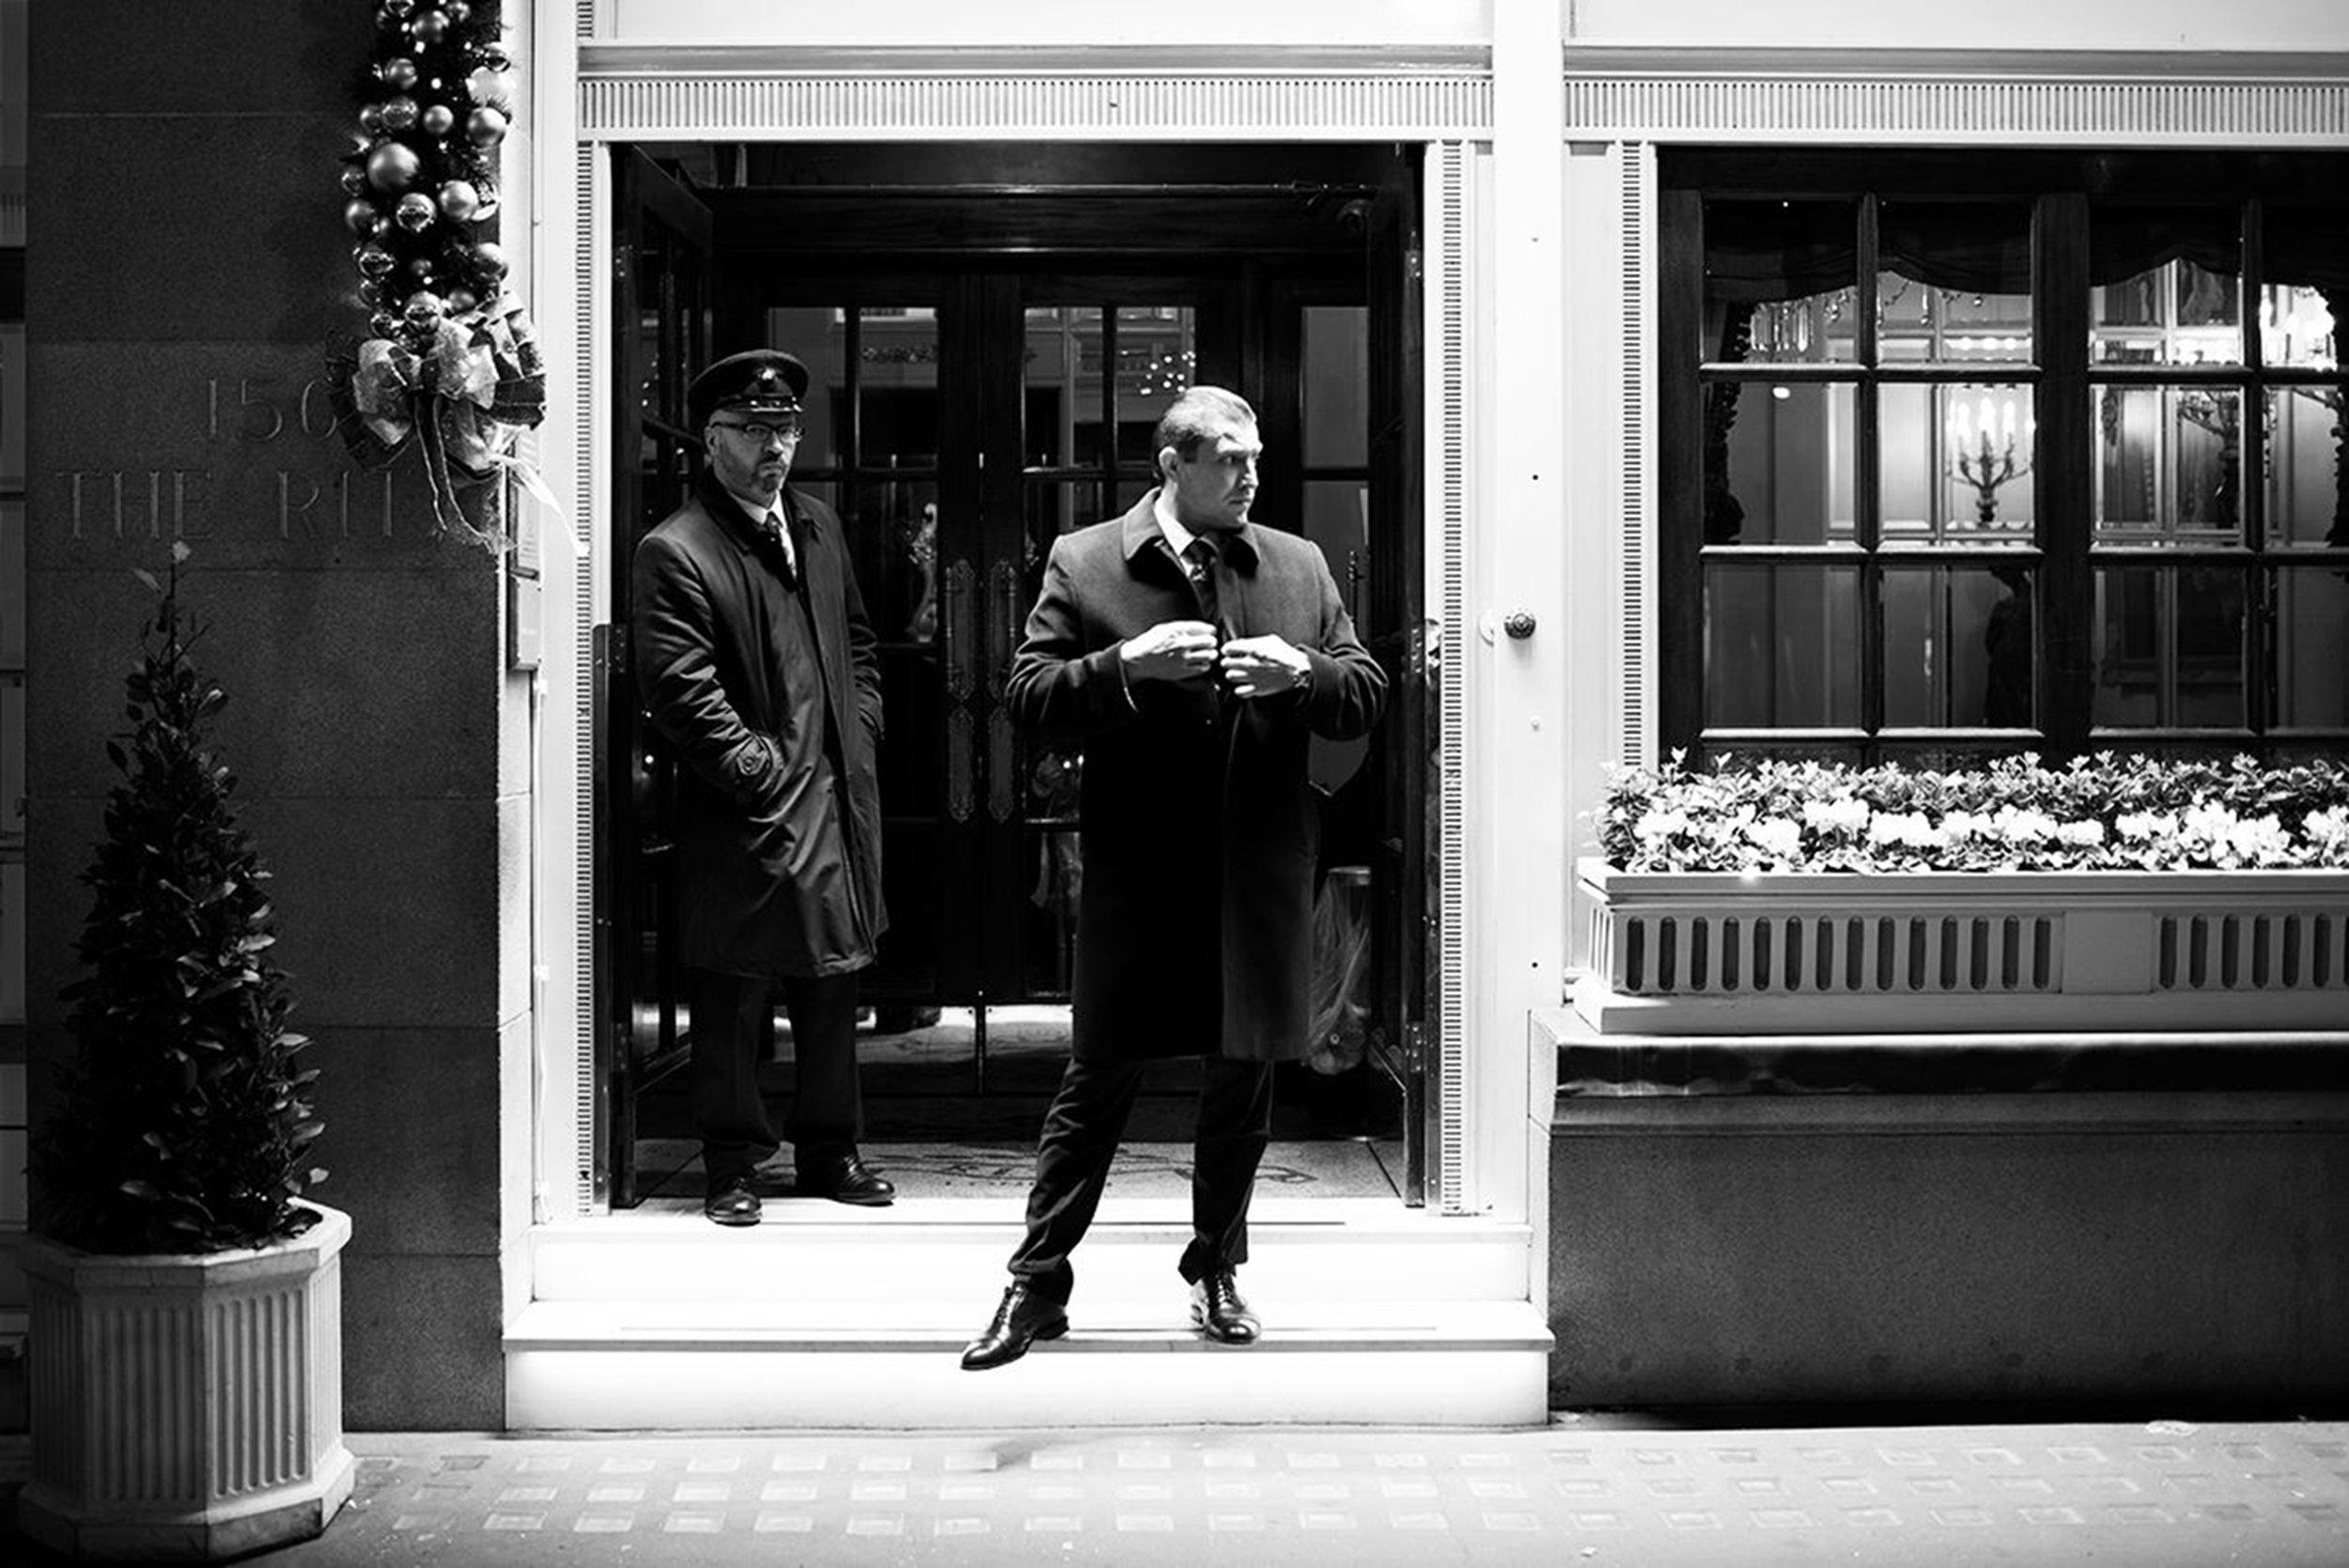 Door Man & Tough Guy-Recovered.jpg